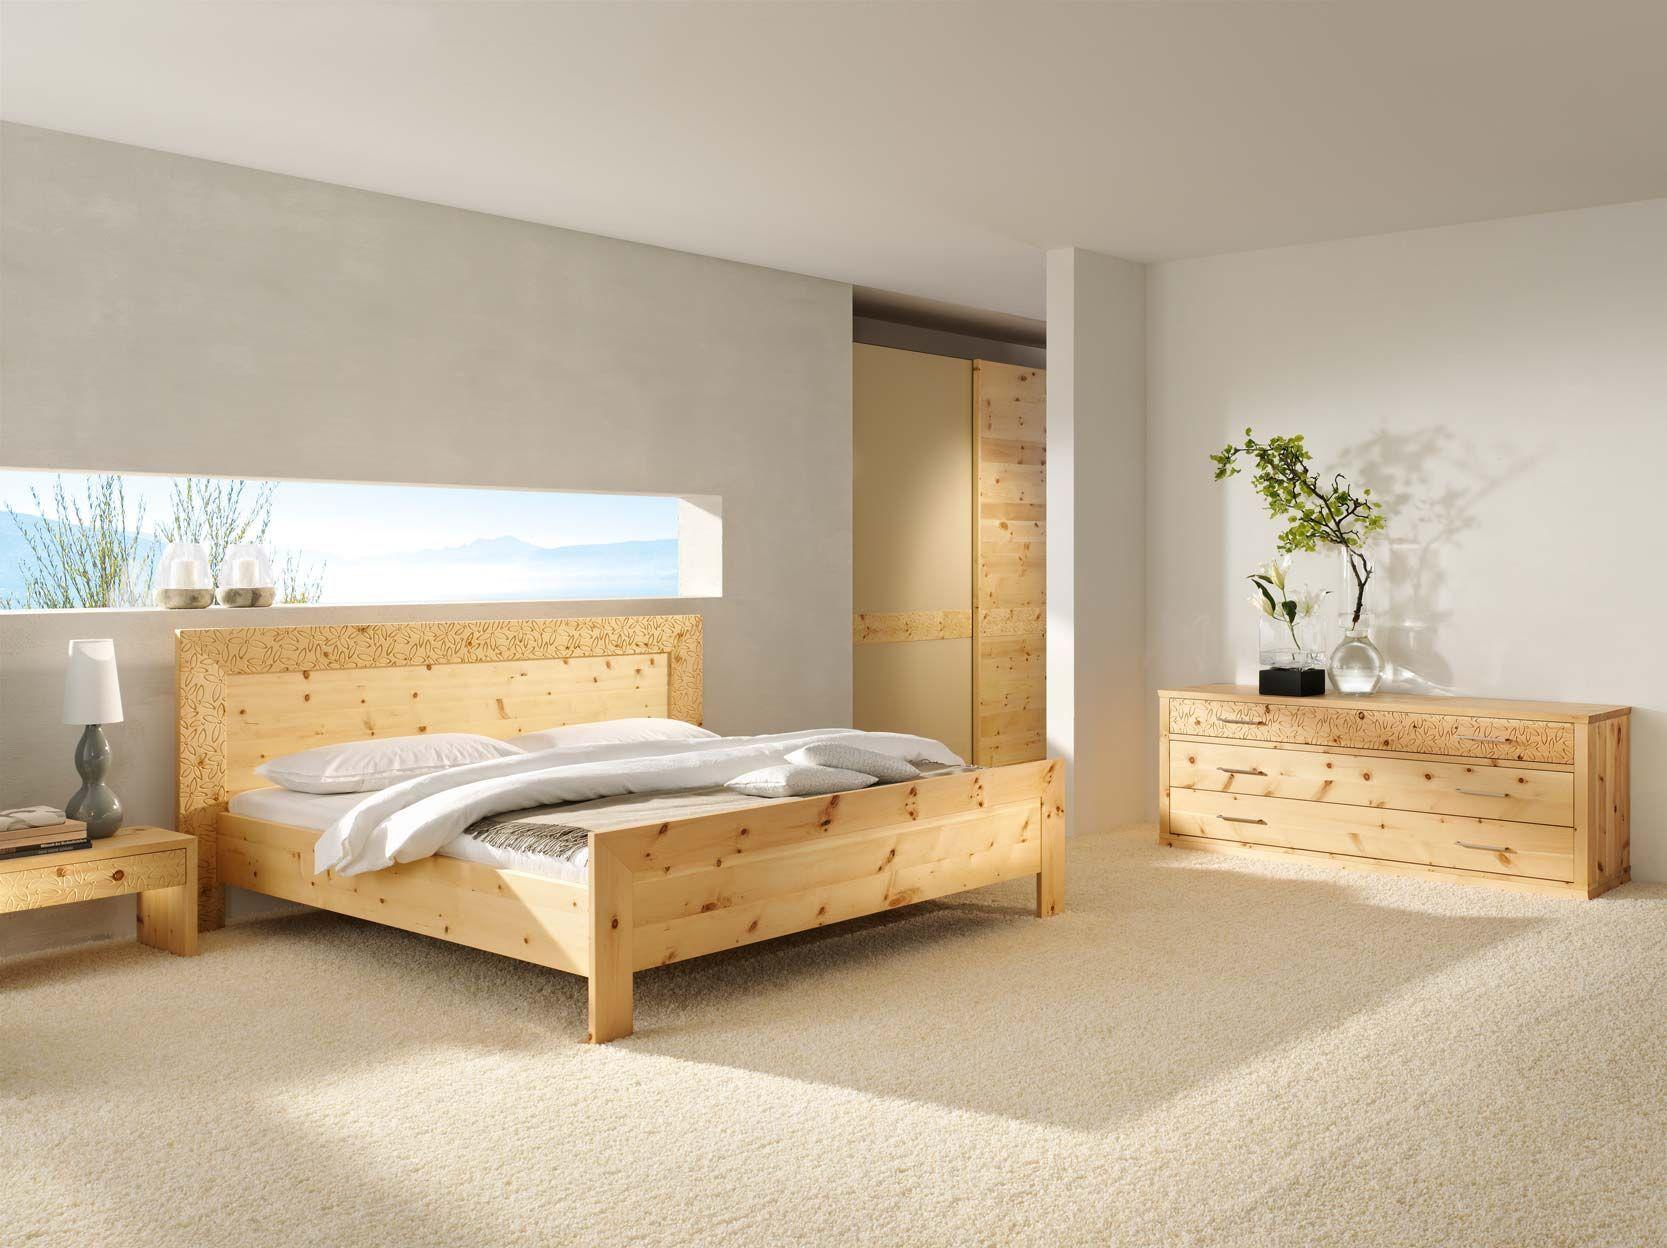 modernes haus schlafzimmer moderne betten ventilator schlafzimmer, Modern haus